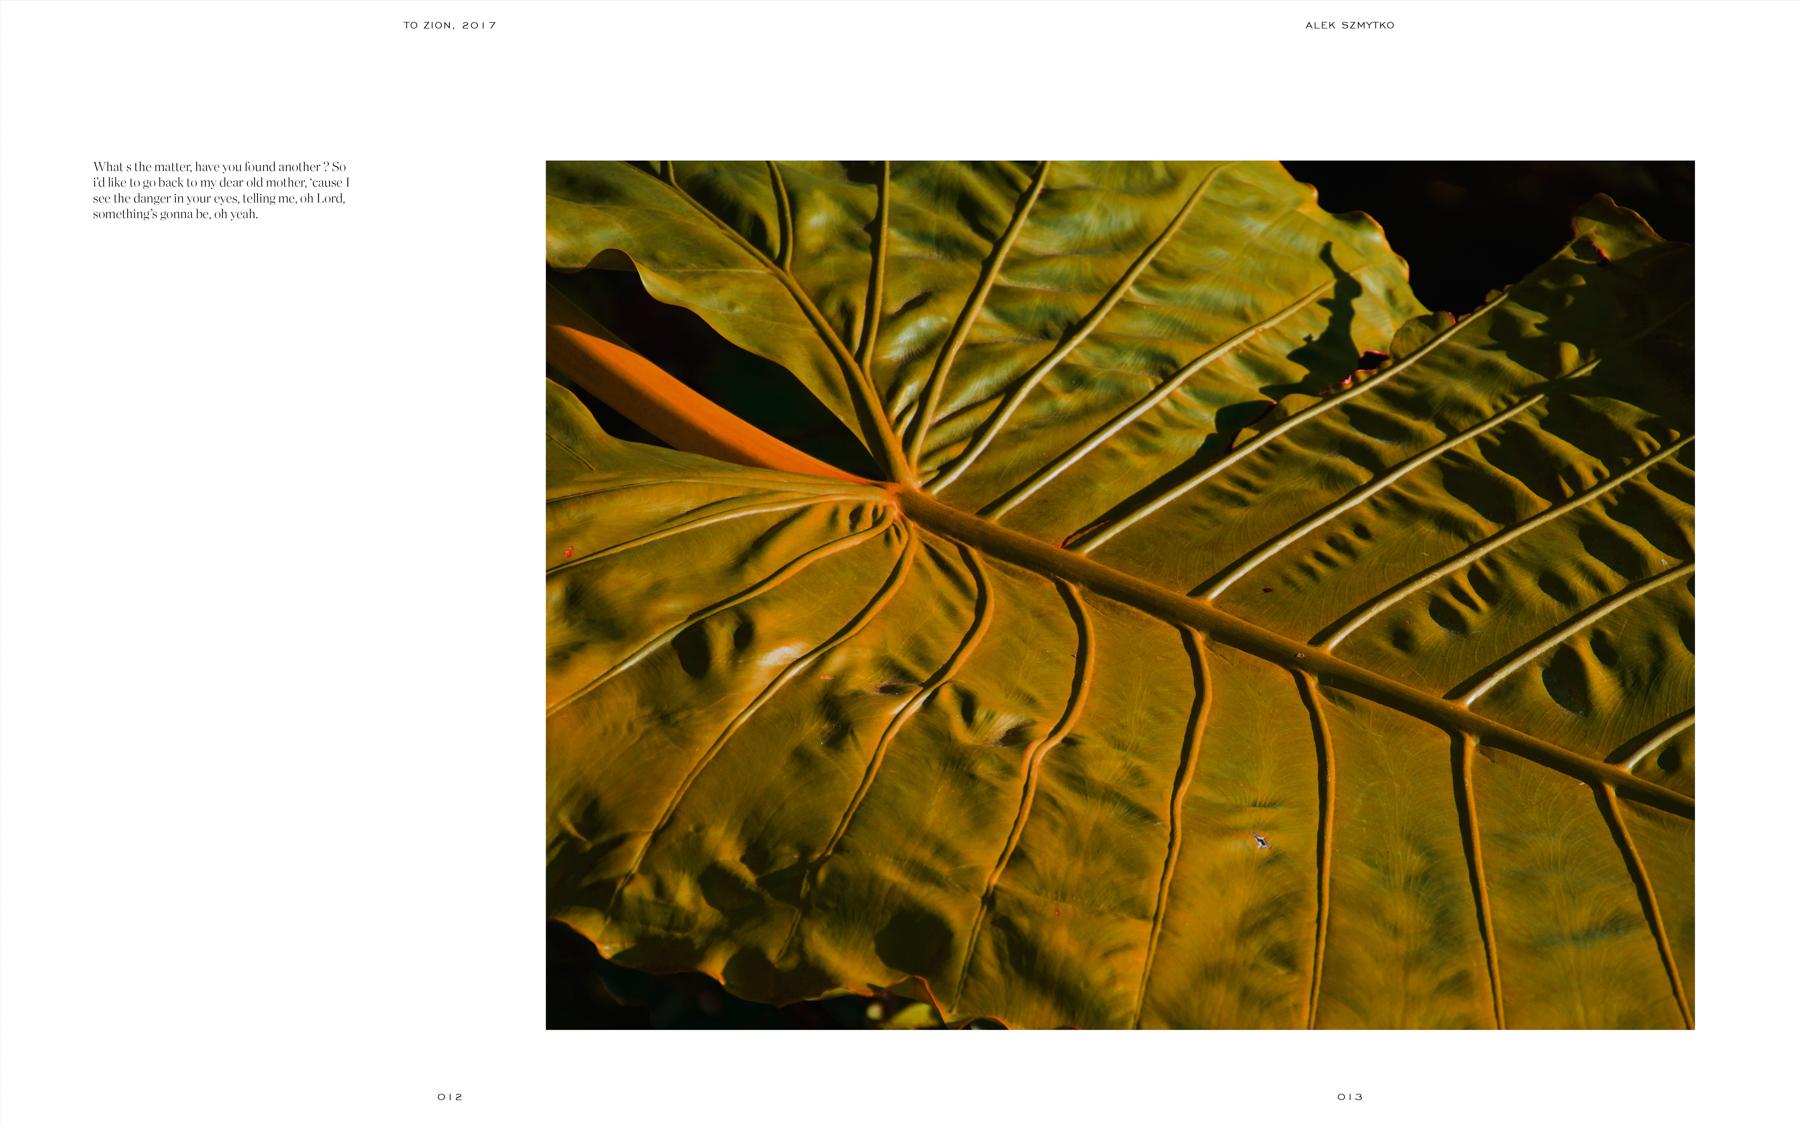 Alek-szmytko-jamaica-6.jpg